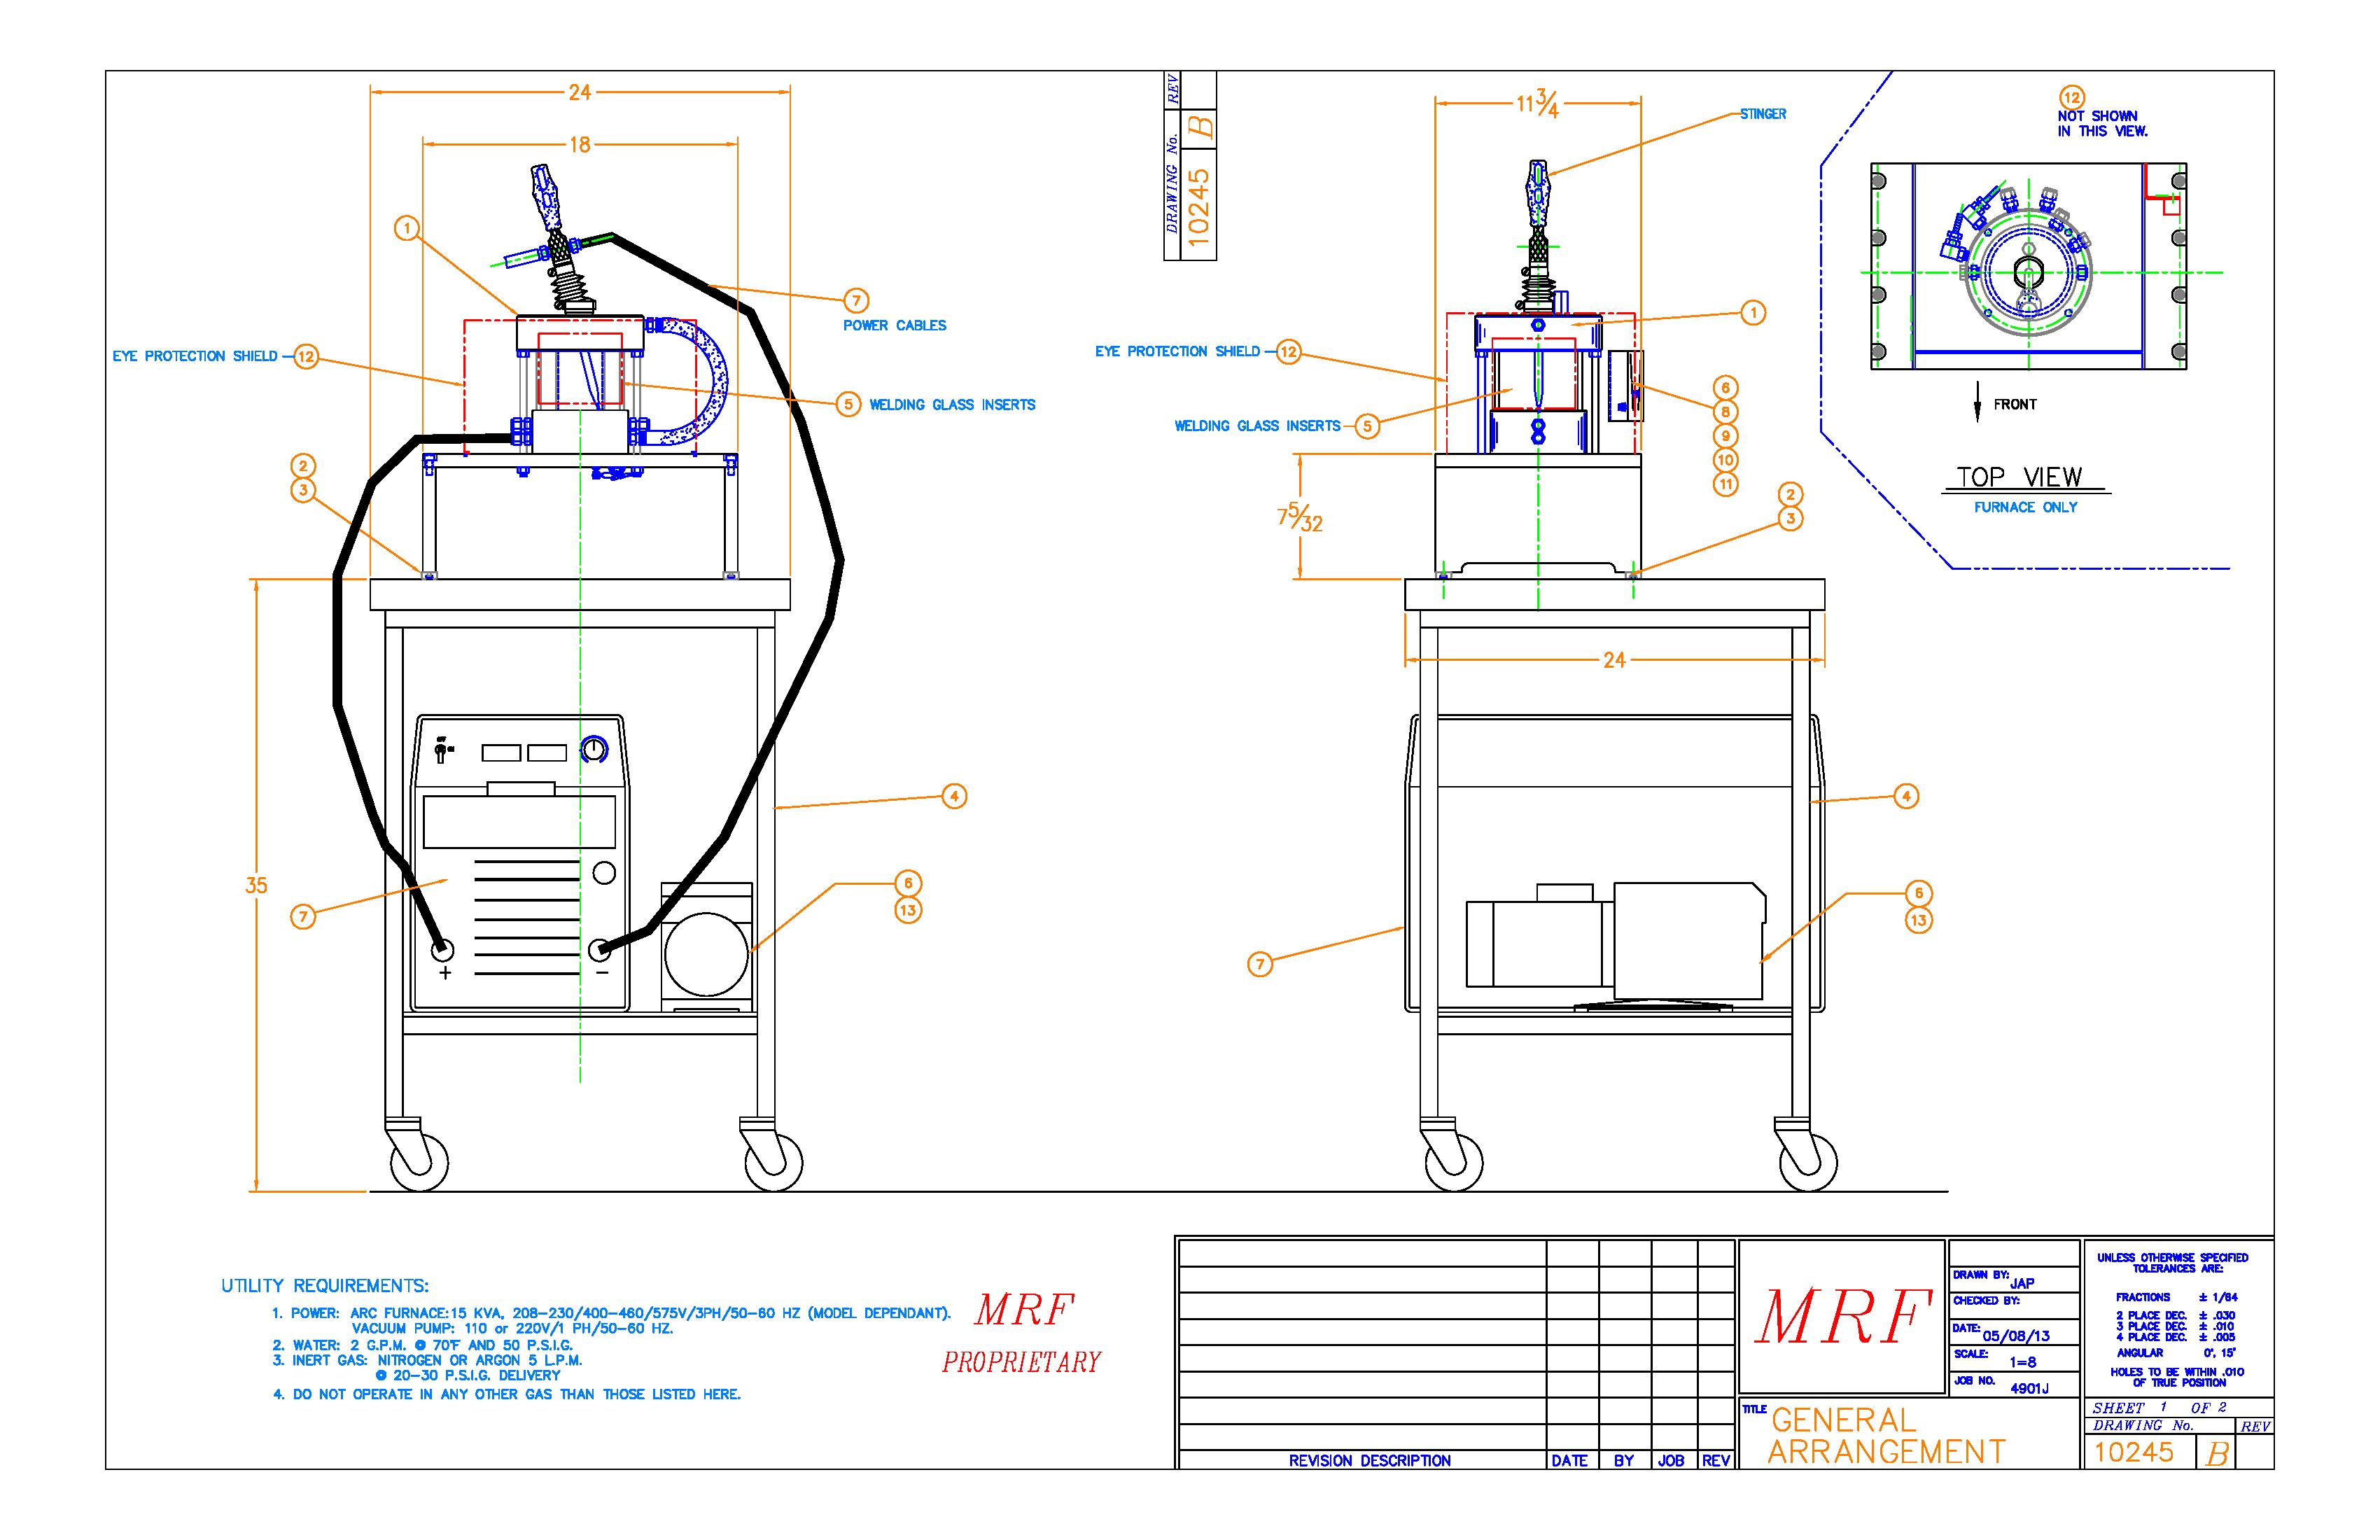 medium resolution of drawings sa 200 general layout